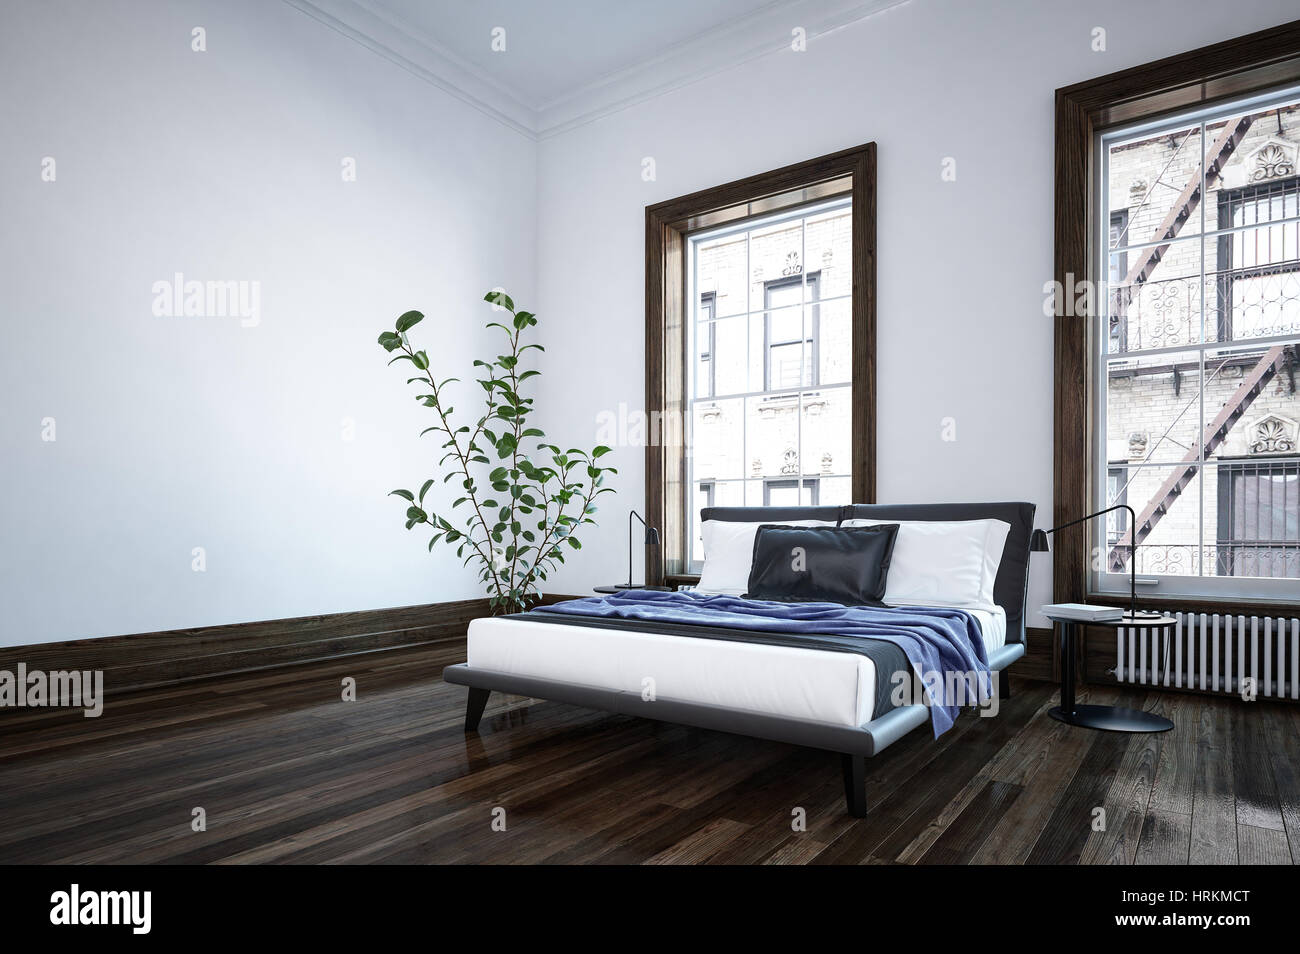 Camera Da Letto Legno Moderna : Camera da letto moderna in un moderno appartamento o casa con